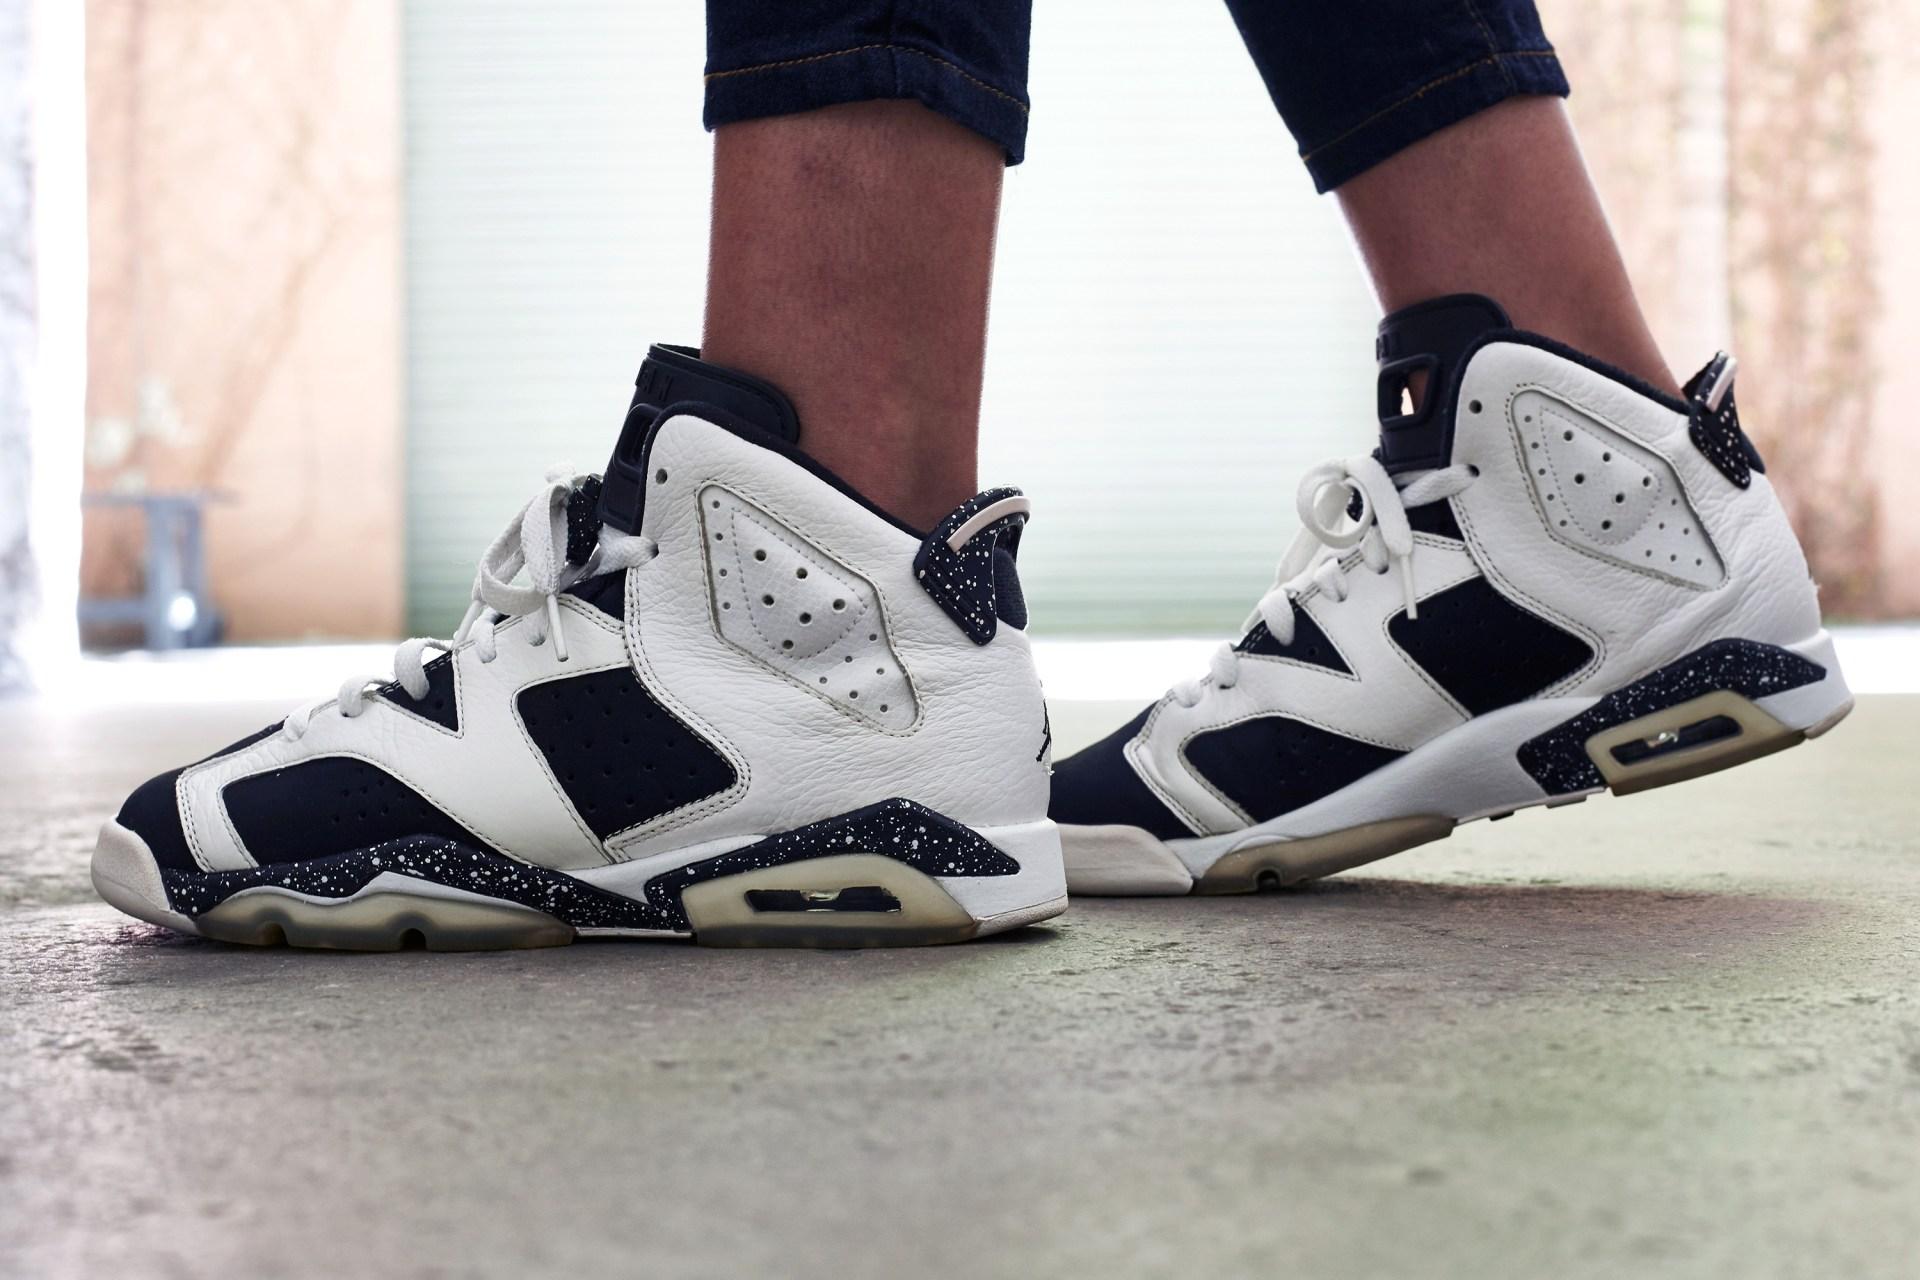 new style cb3d3 d3642 On-Foot Look // Air Jordan 6